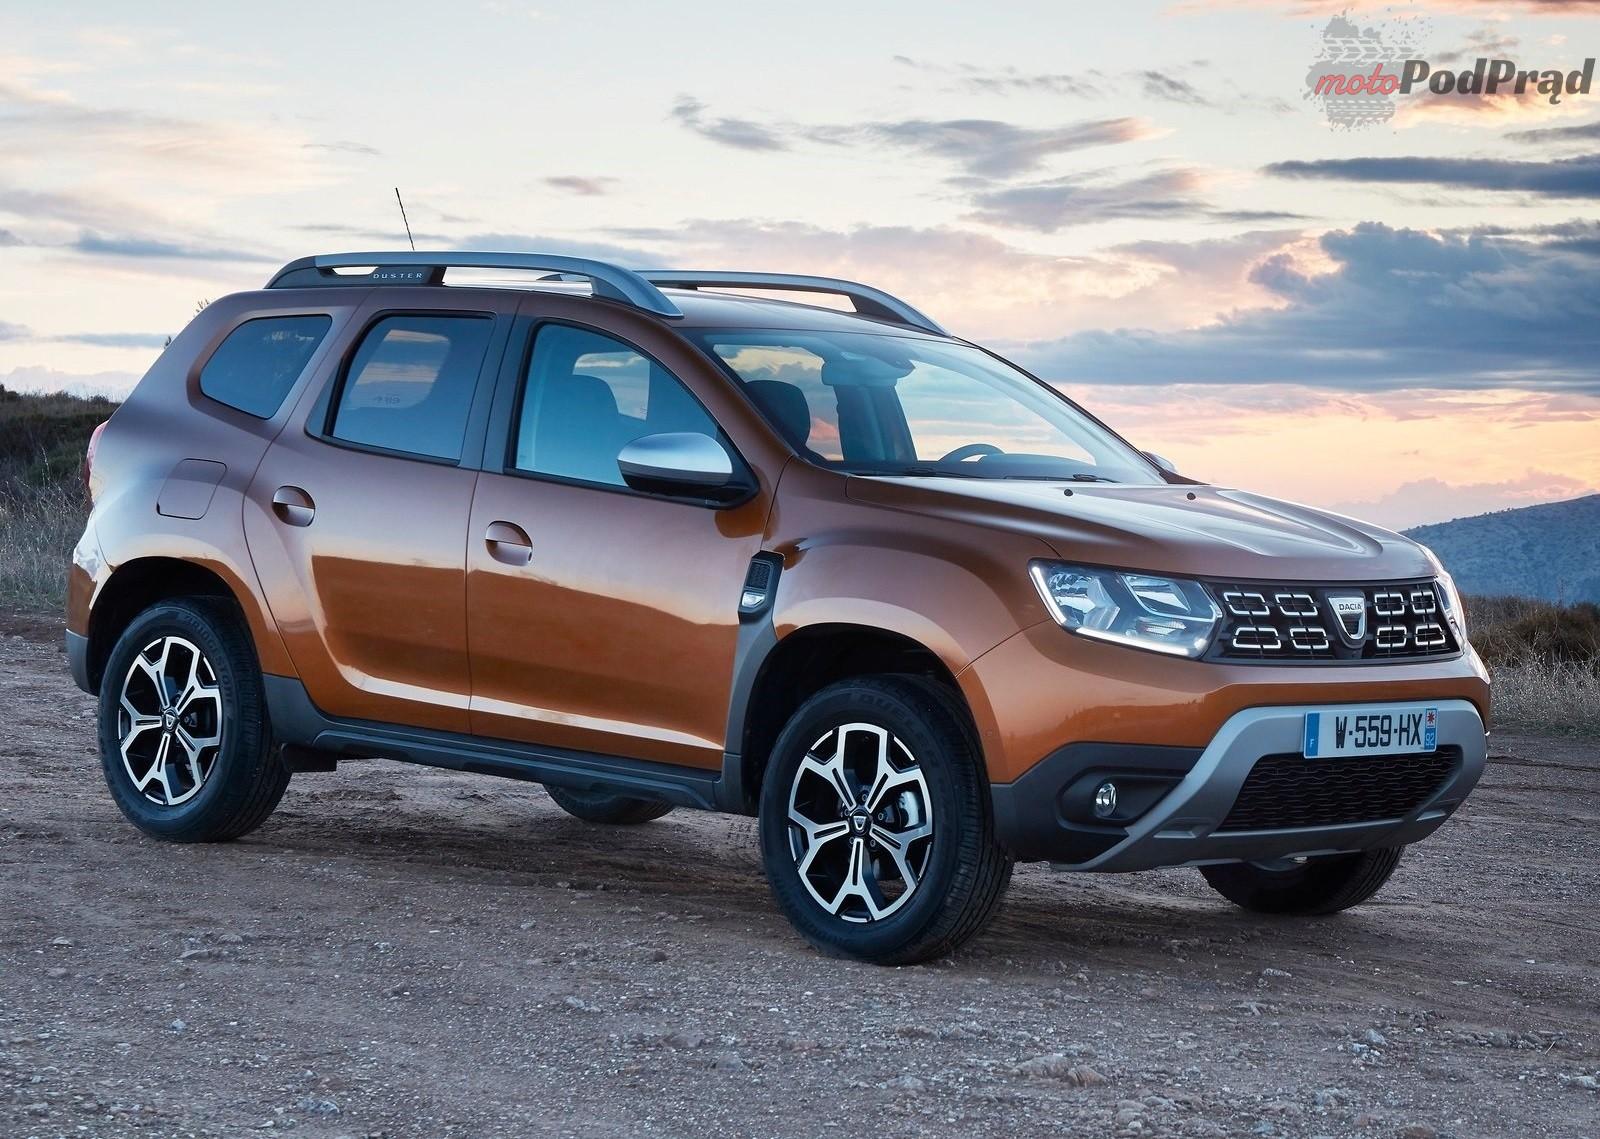 Dacia Duster 2018 1600 04 Najpopularniejsze SUV y w Polsce   podsumowanie 2017 r.